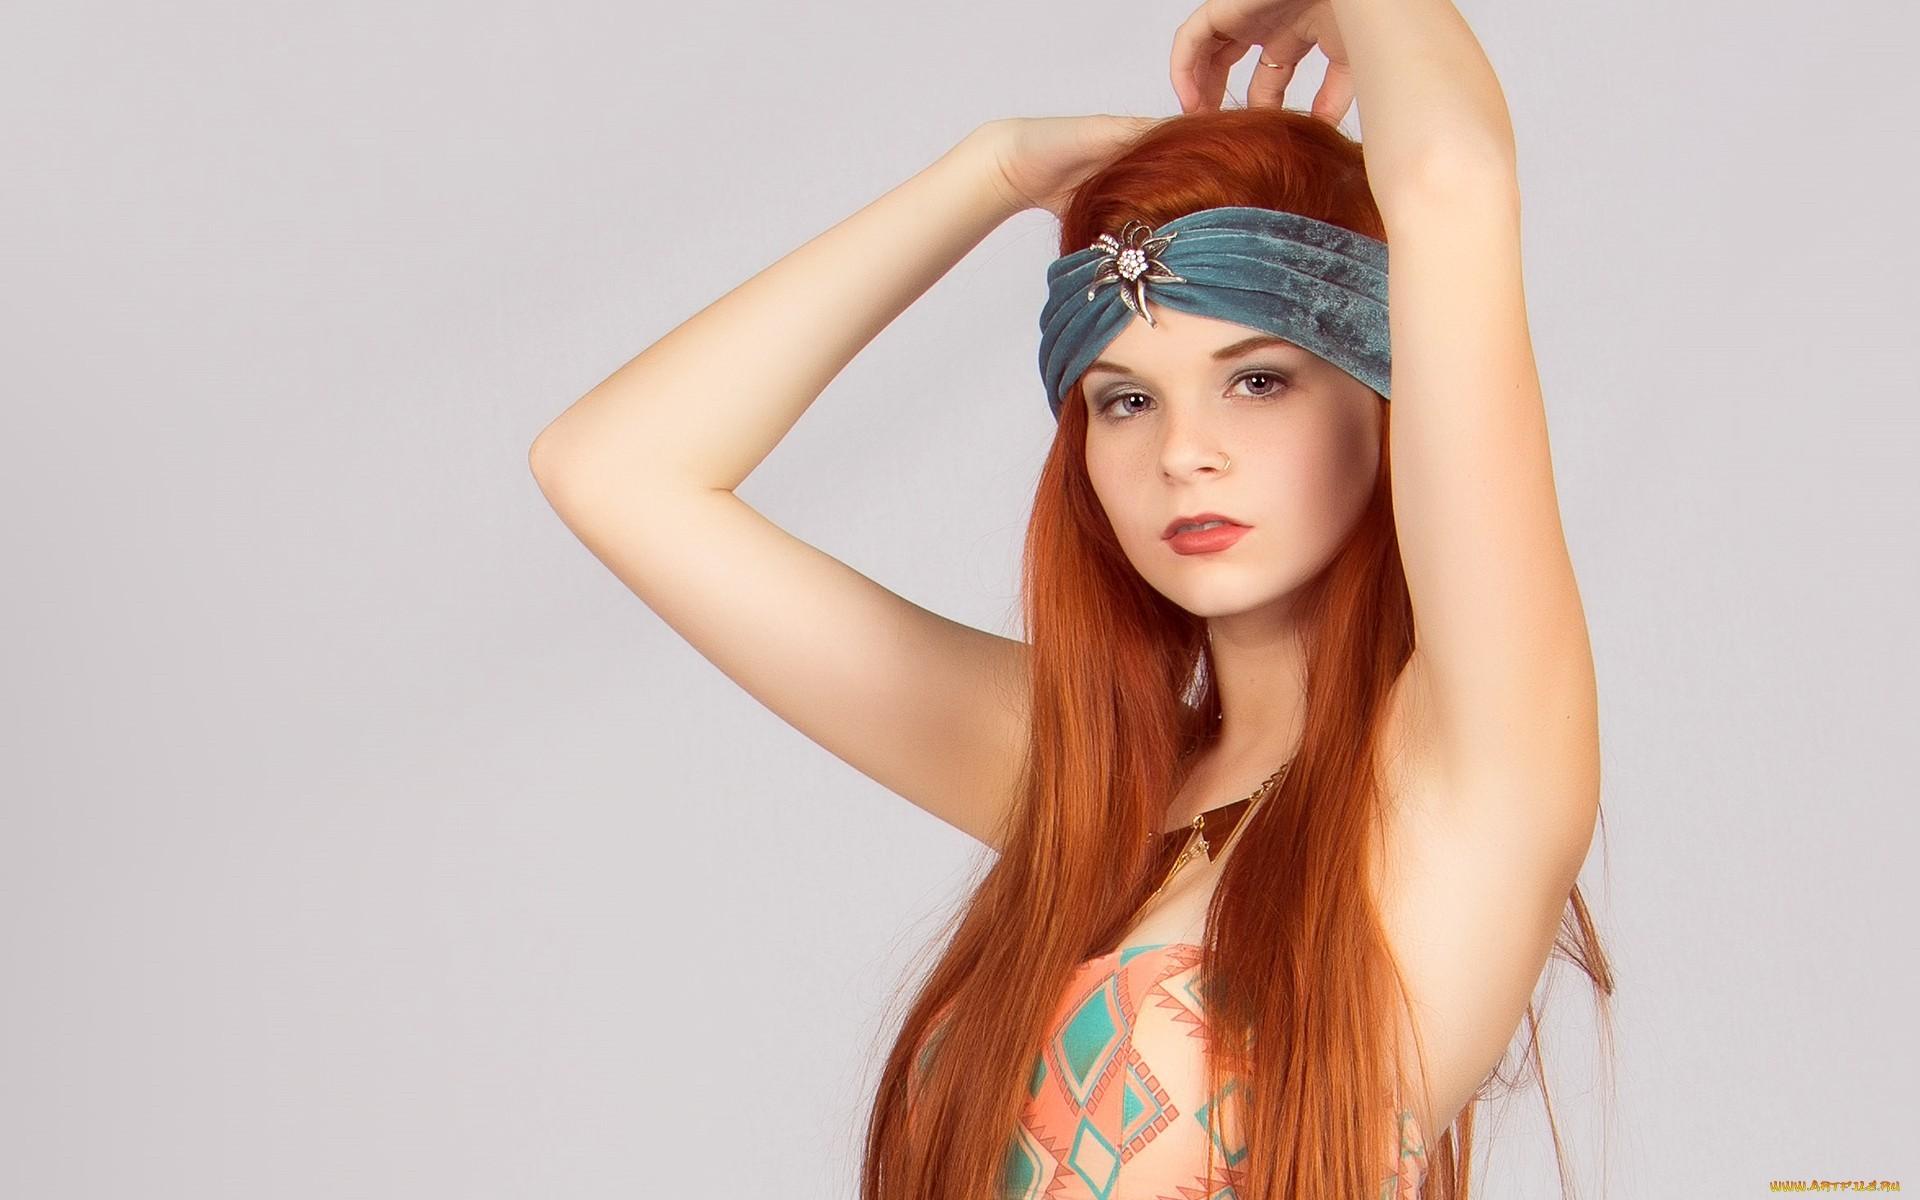 Una chica pelirroja - 1920x1200